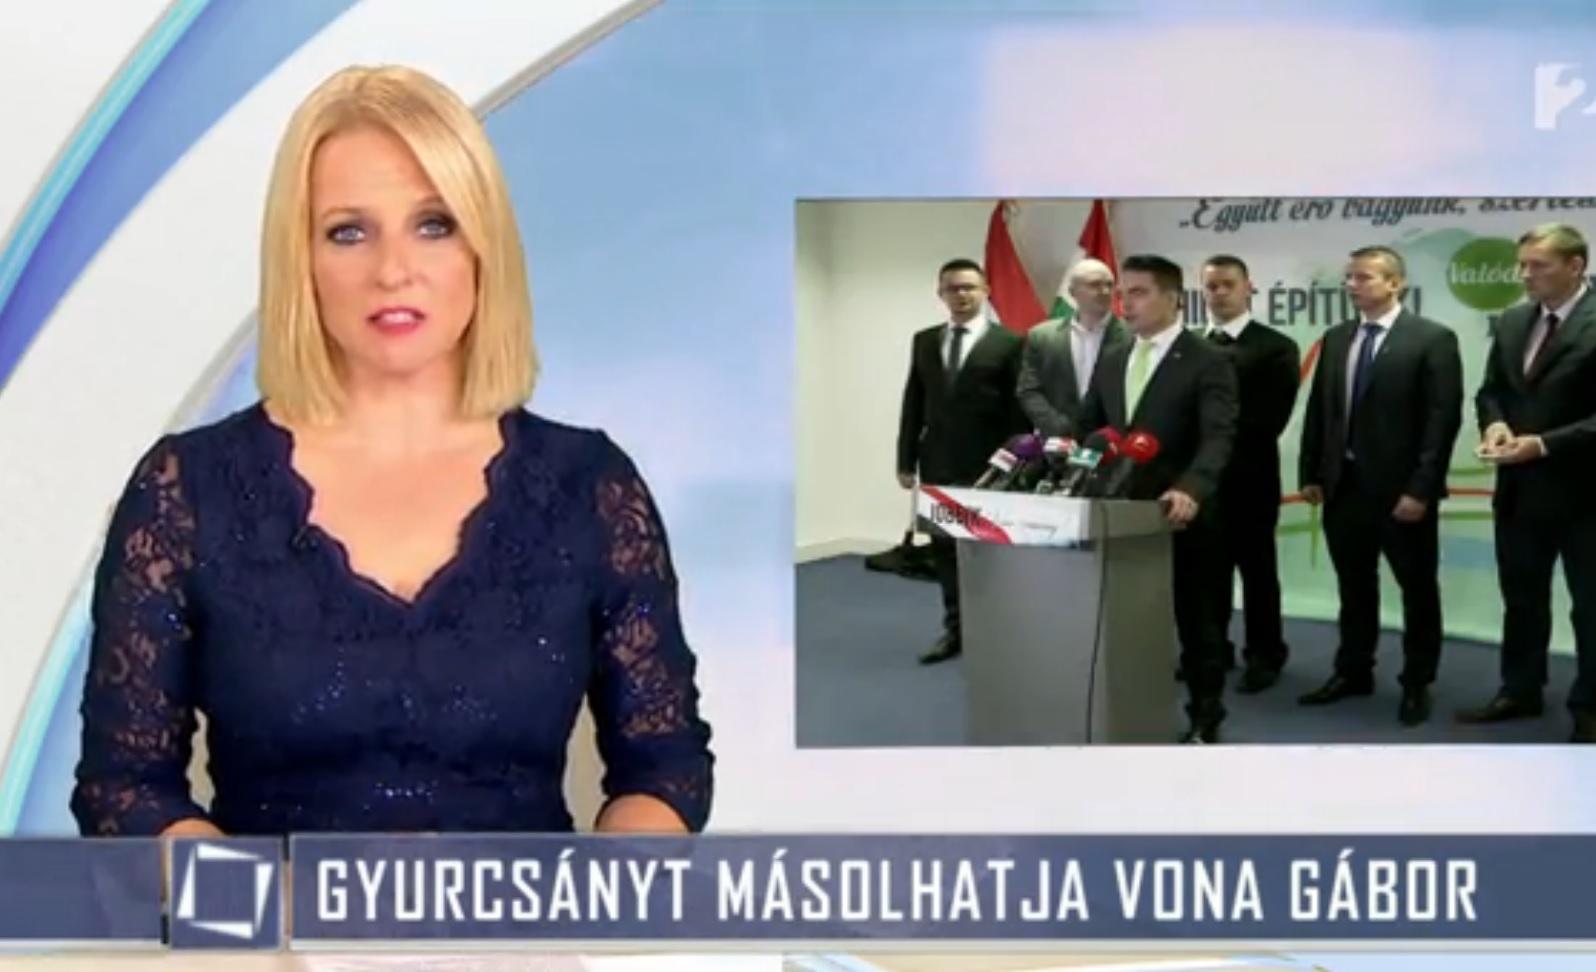 Csapnivaló a TV2 főműsoridős nézettsége